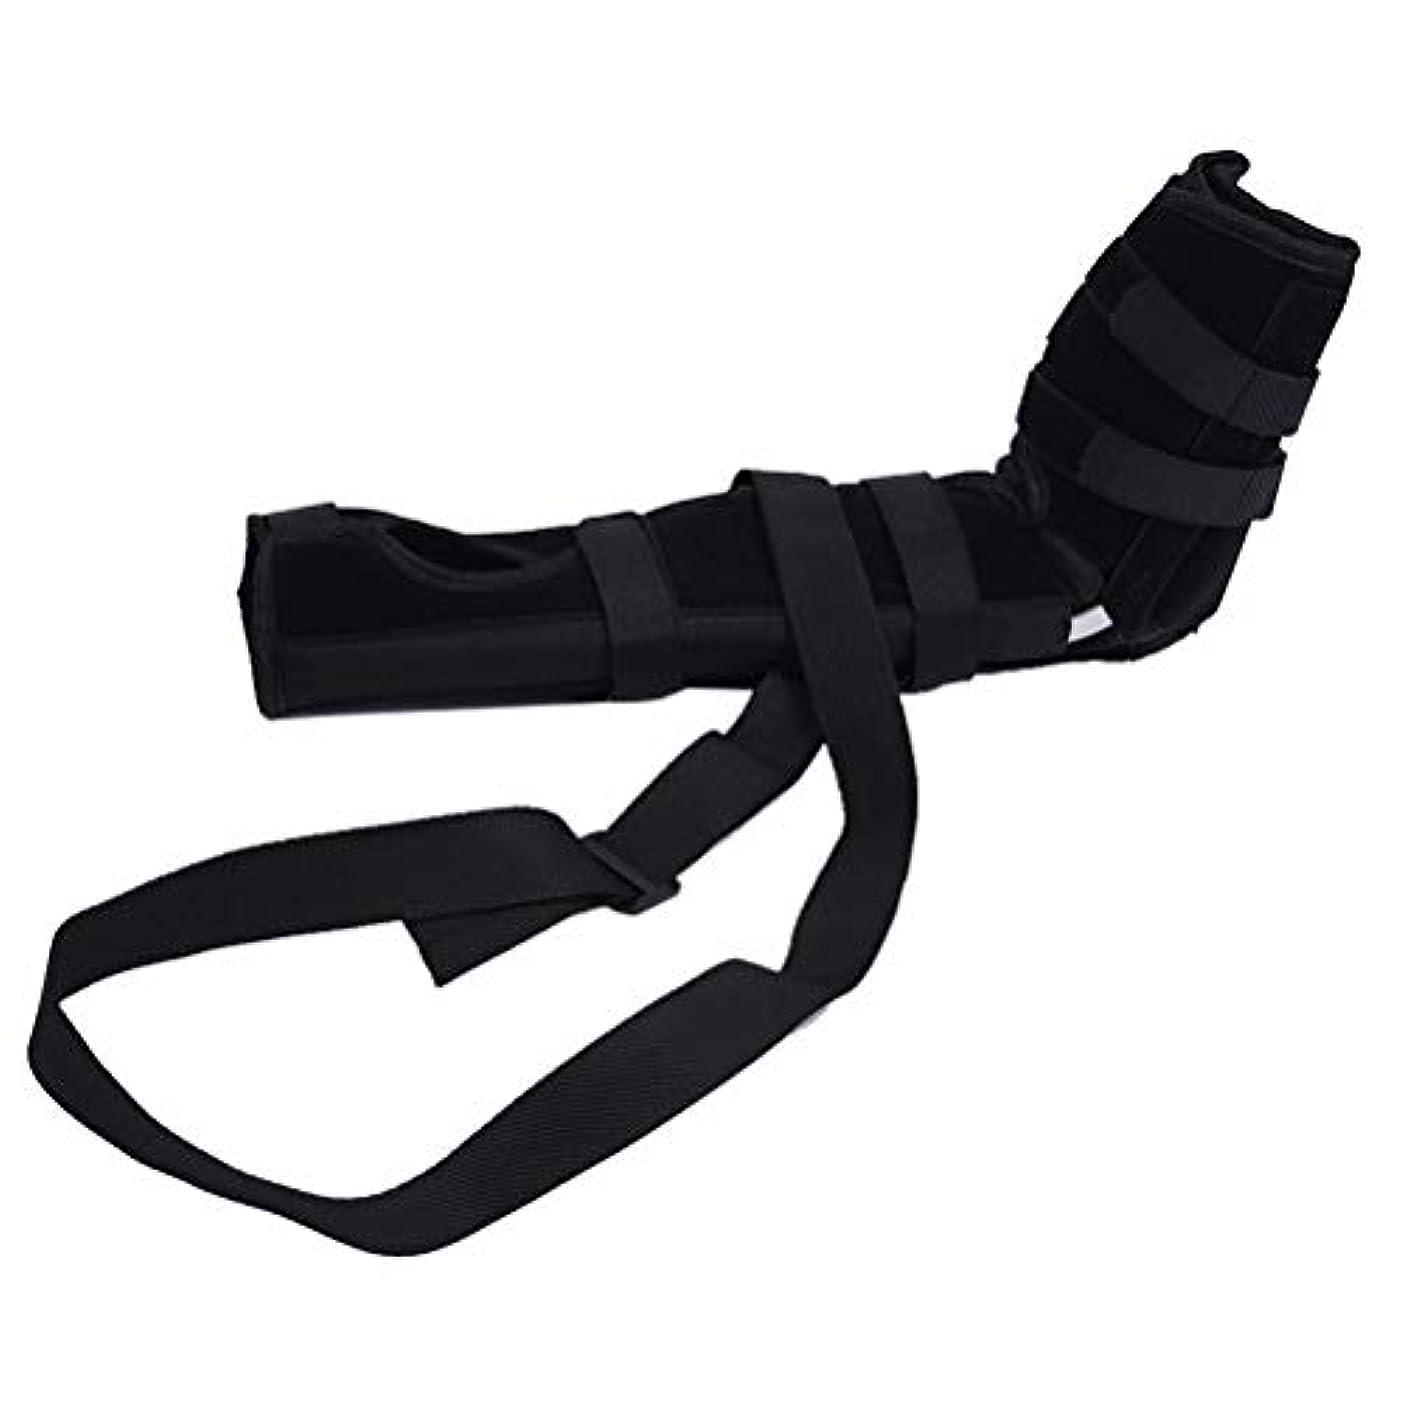 優先ベルベット望まないSUPVOX 肘ブレース 関節サポート アームリーダー 保護 固定 腕つり 関節 保護 男女兼用 調節可能 通気性 術後ケアブレース(ブラック サイズS)